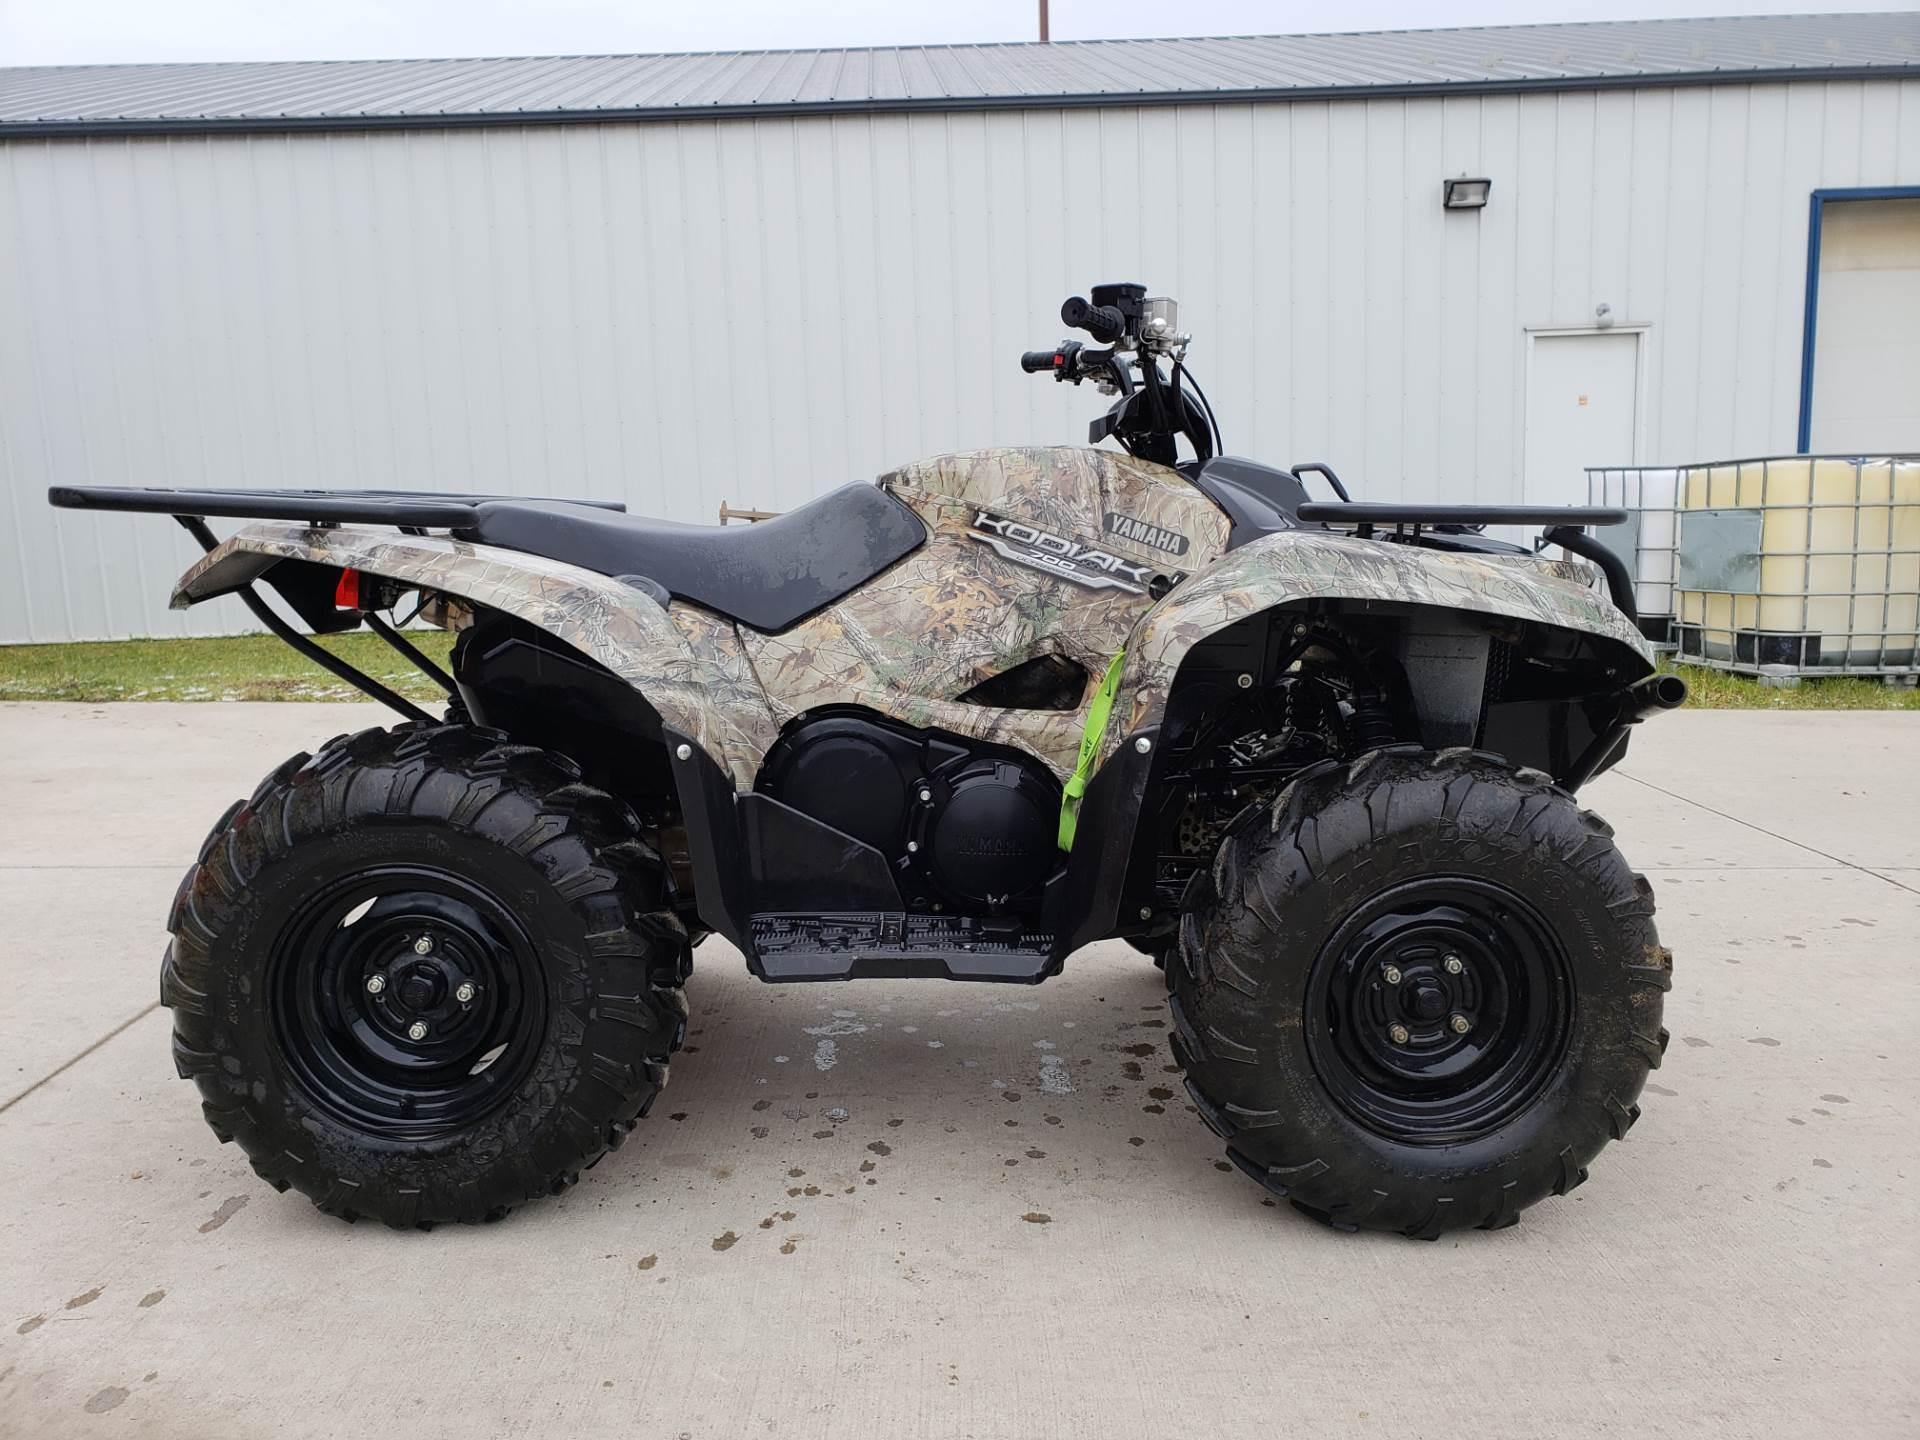 2016 Yamaha Kodiak 700 for sale 7127